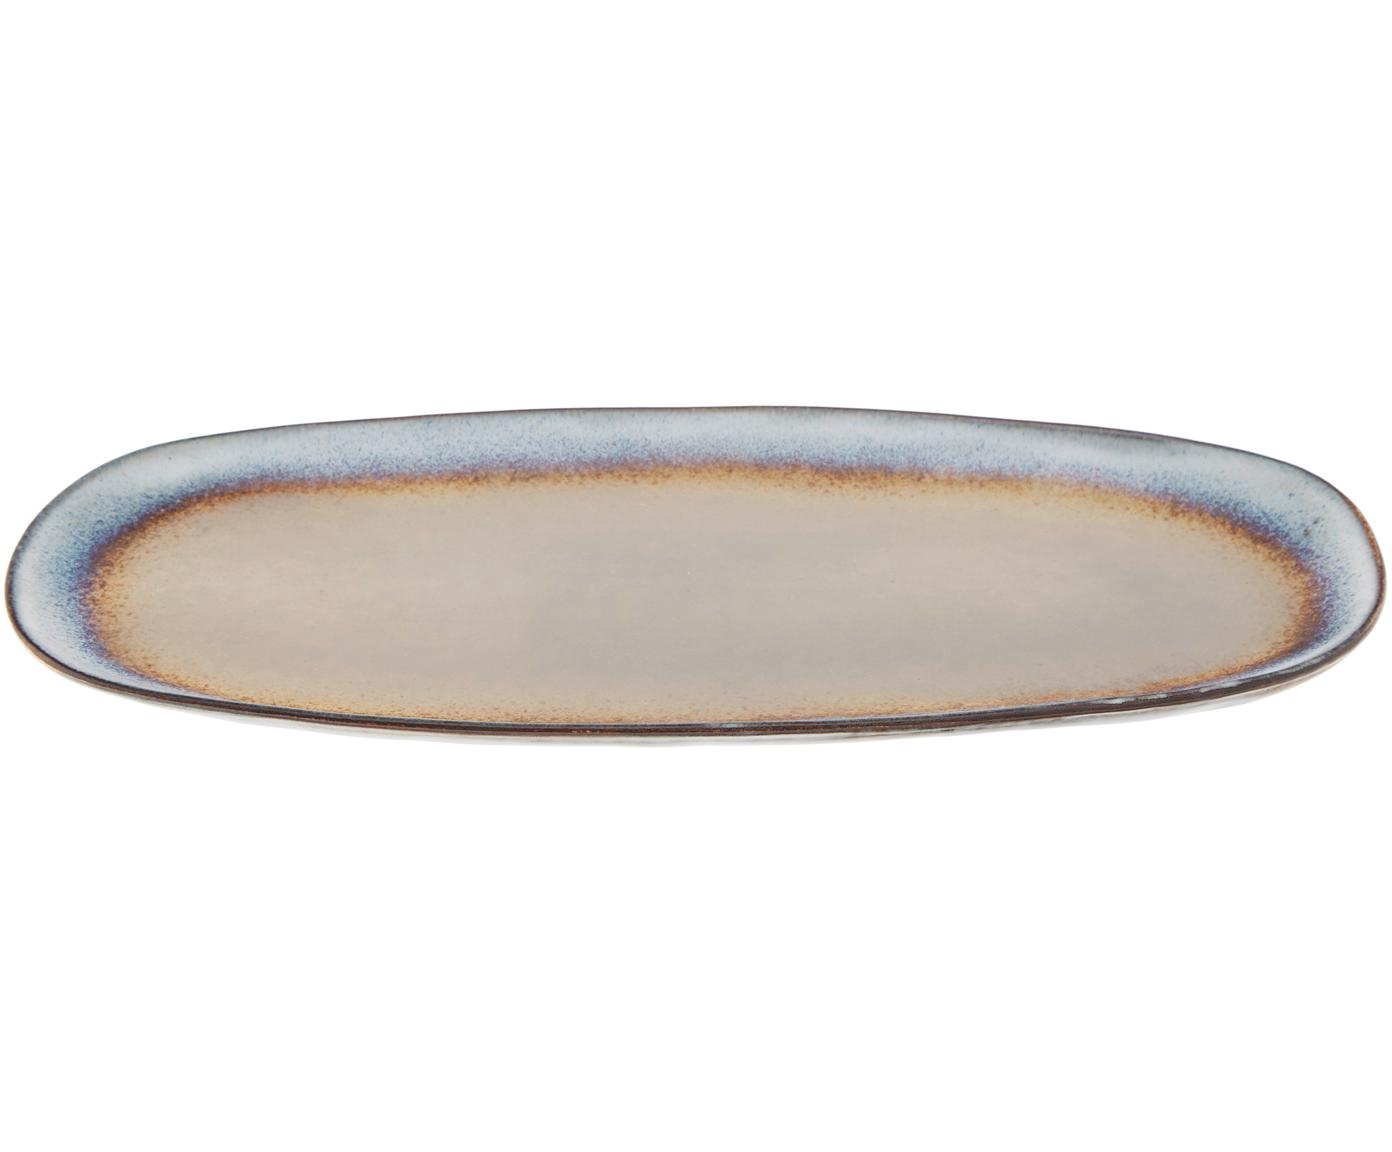 Komplet ręcznie wykonanych misek do dipów Nomimono, 3 elem., Kamionka, Wielobarwny, Różne rozmiary